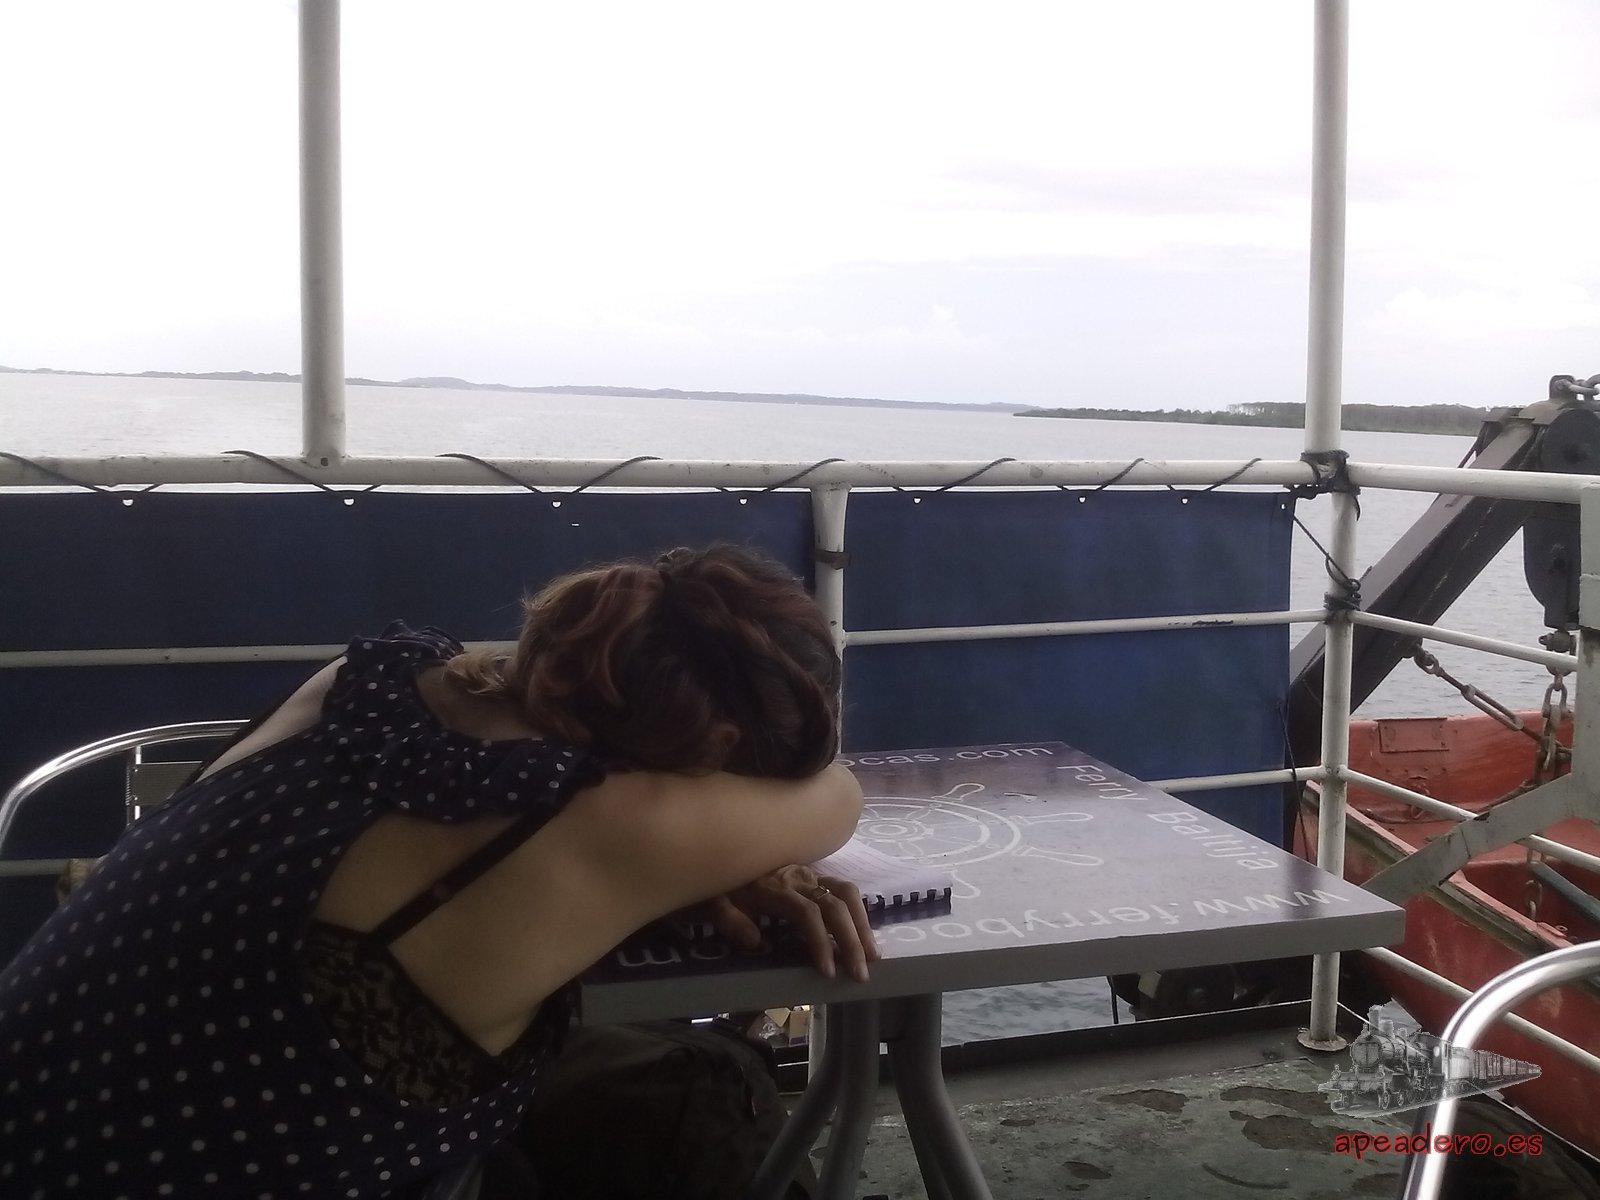 Regresamos en el ferry porque nos venía bien el horario y queríamos despedirnos de Bocas del Toro tranquilamente, poco a poco, pero Nuria se quedó frita.